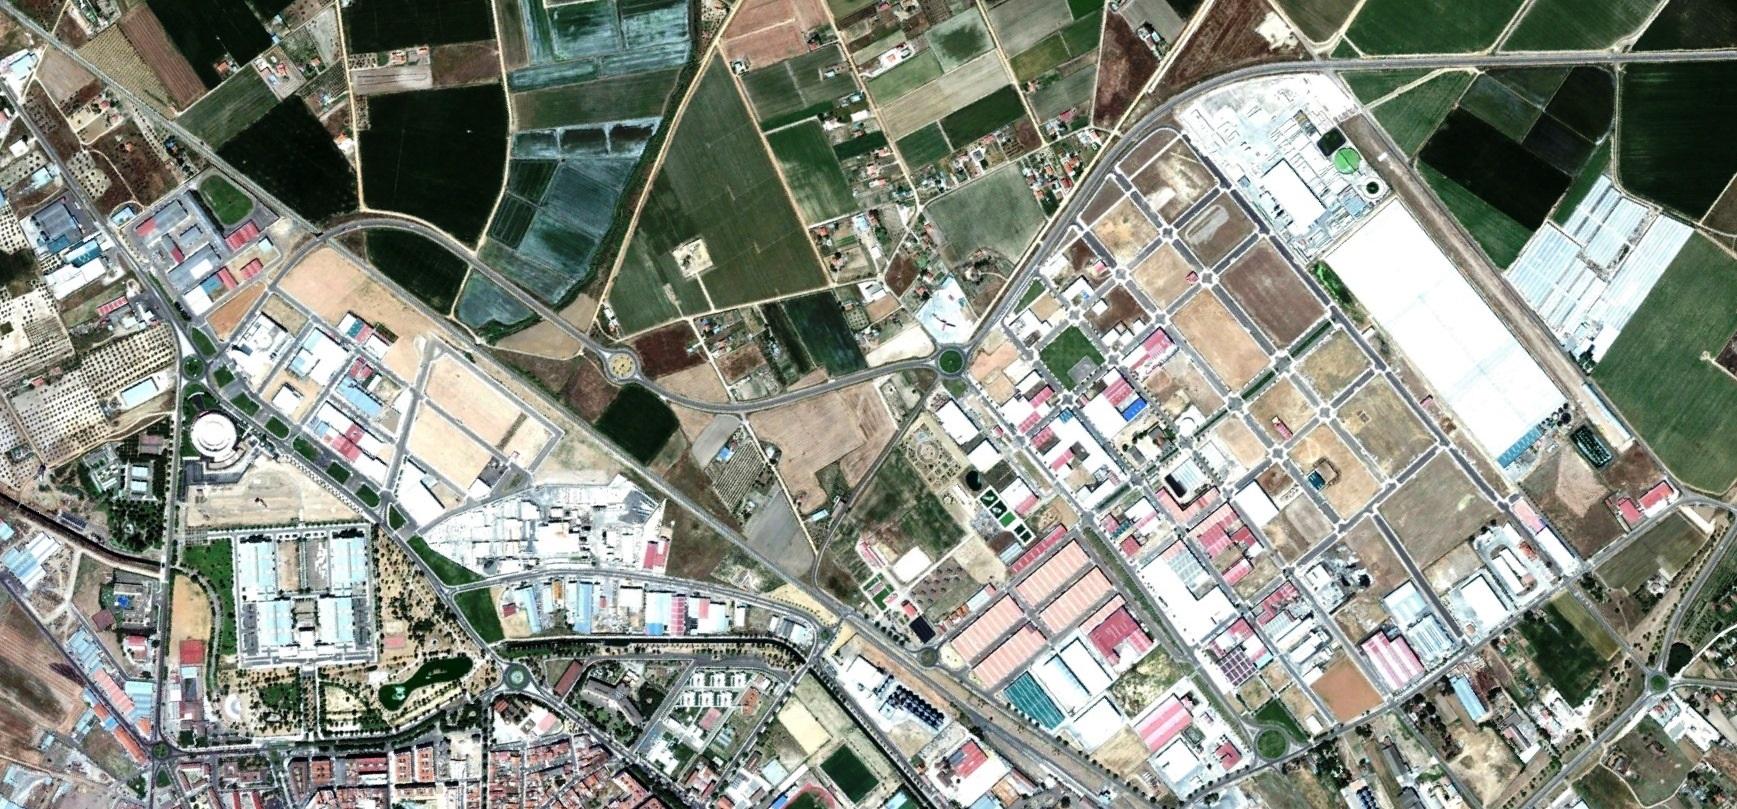 después, urbanismo, foto aérea,desastre, urbanístico, planeamiento, urbano, construcción, Don Benito, Badajoz